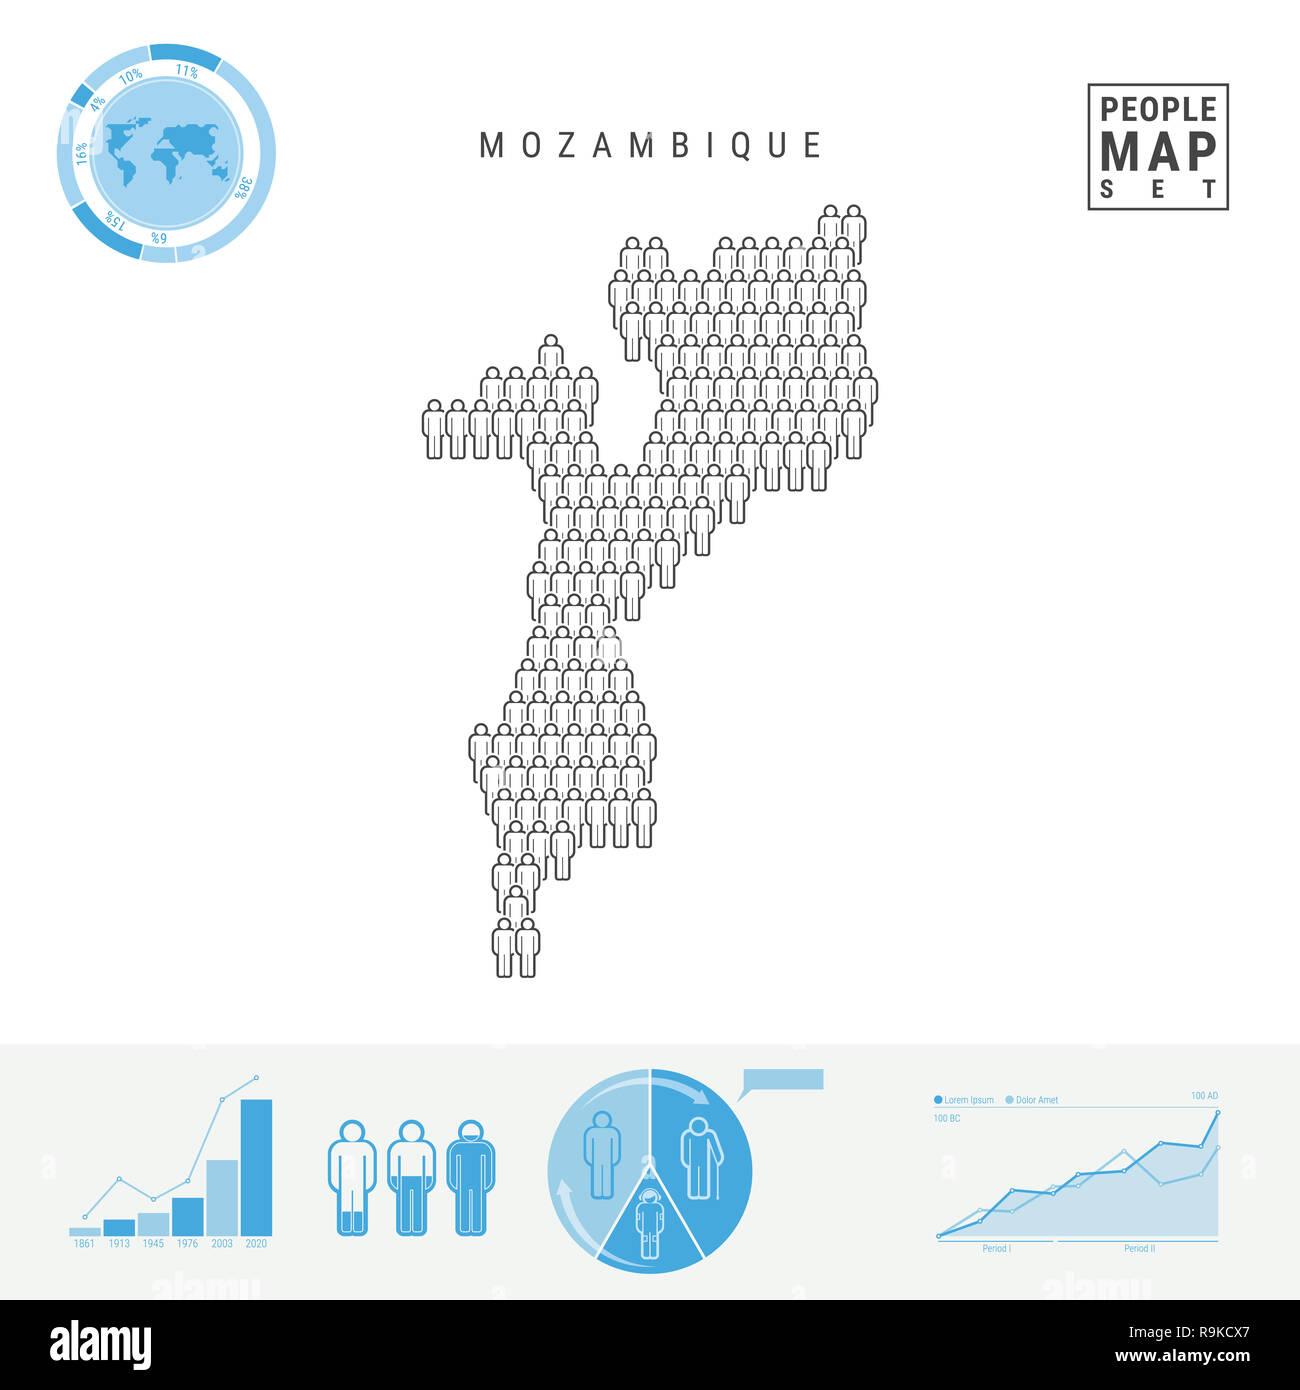 Mosambik Karte.Mosambik Leute Auf Das Symbol Karte Leute In Der Form Einer Karte